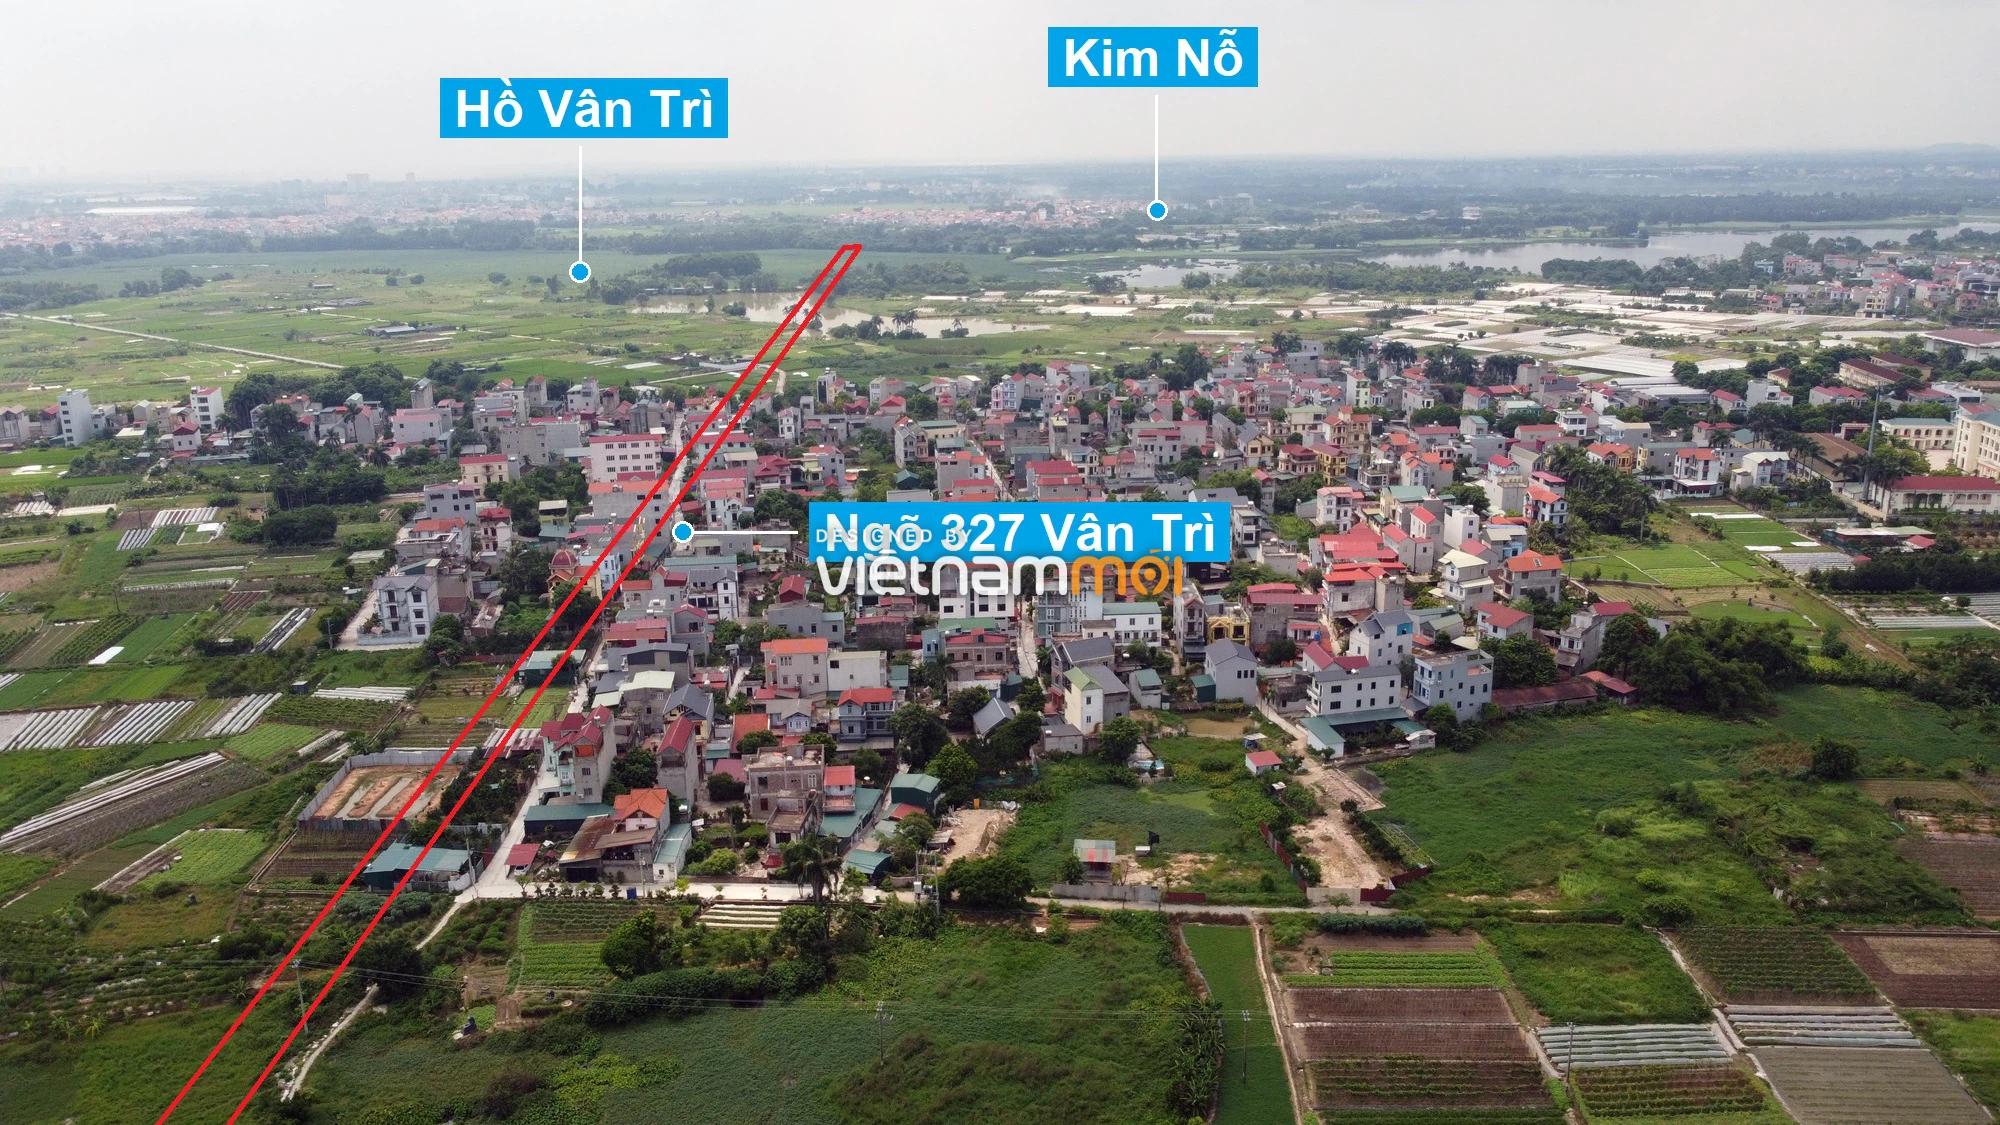 Đường sẽ mở theo quy hoạch xung quanh dự án Thành phố Thông minh Bắc Hà Nội (phần 3) - Ảnh 5.